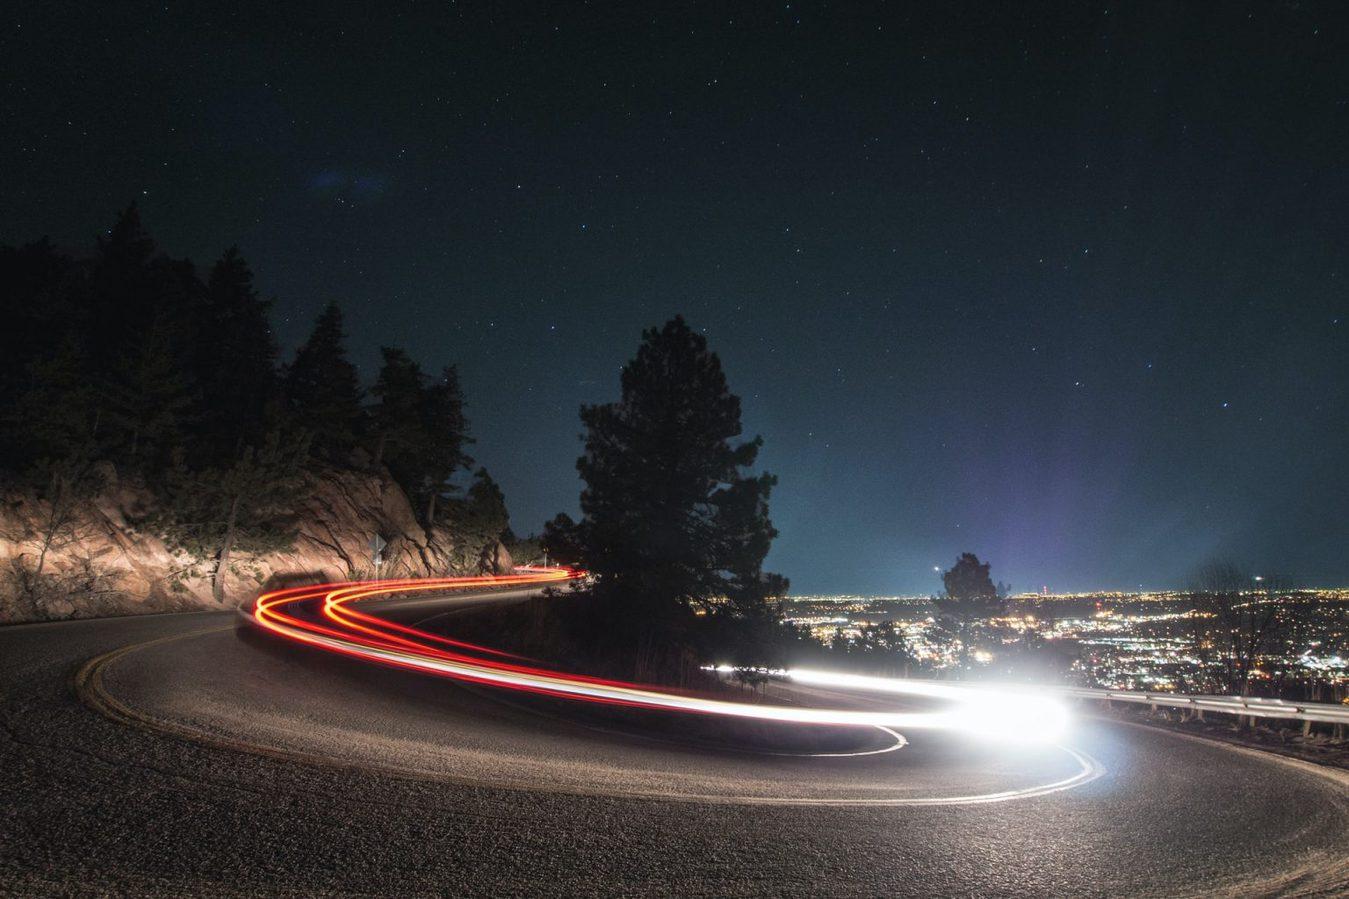 Long exposure lampu mobil